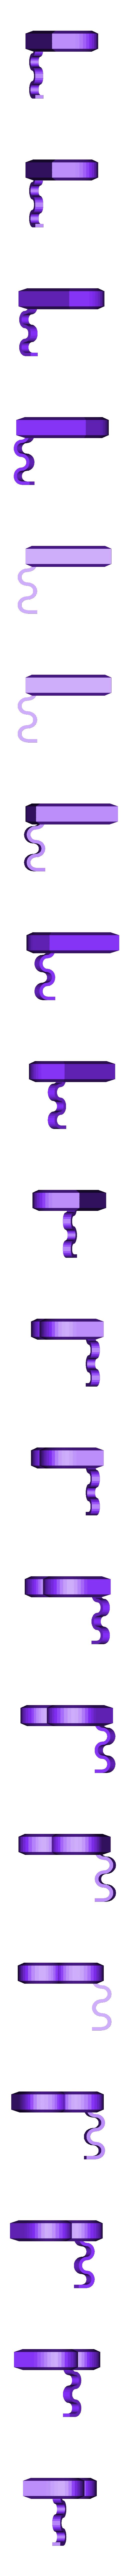 B MASK.stl Download STL file Hanging letter masks • 3D printable model, Vetusta_3D